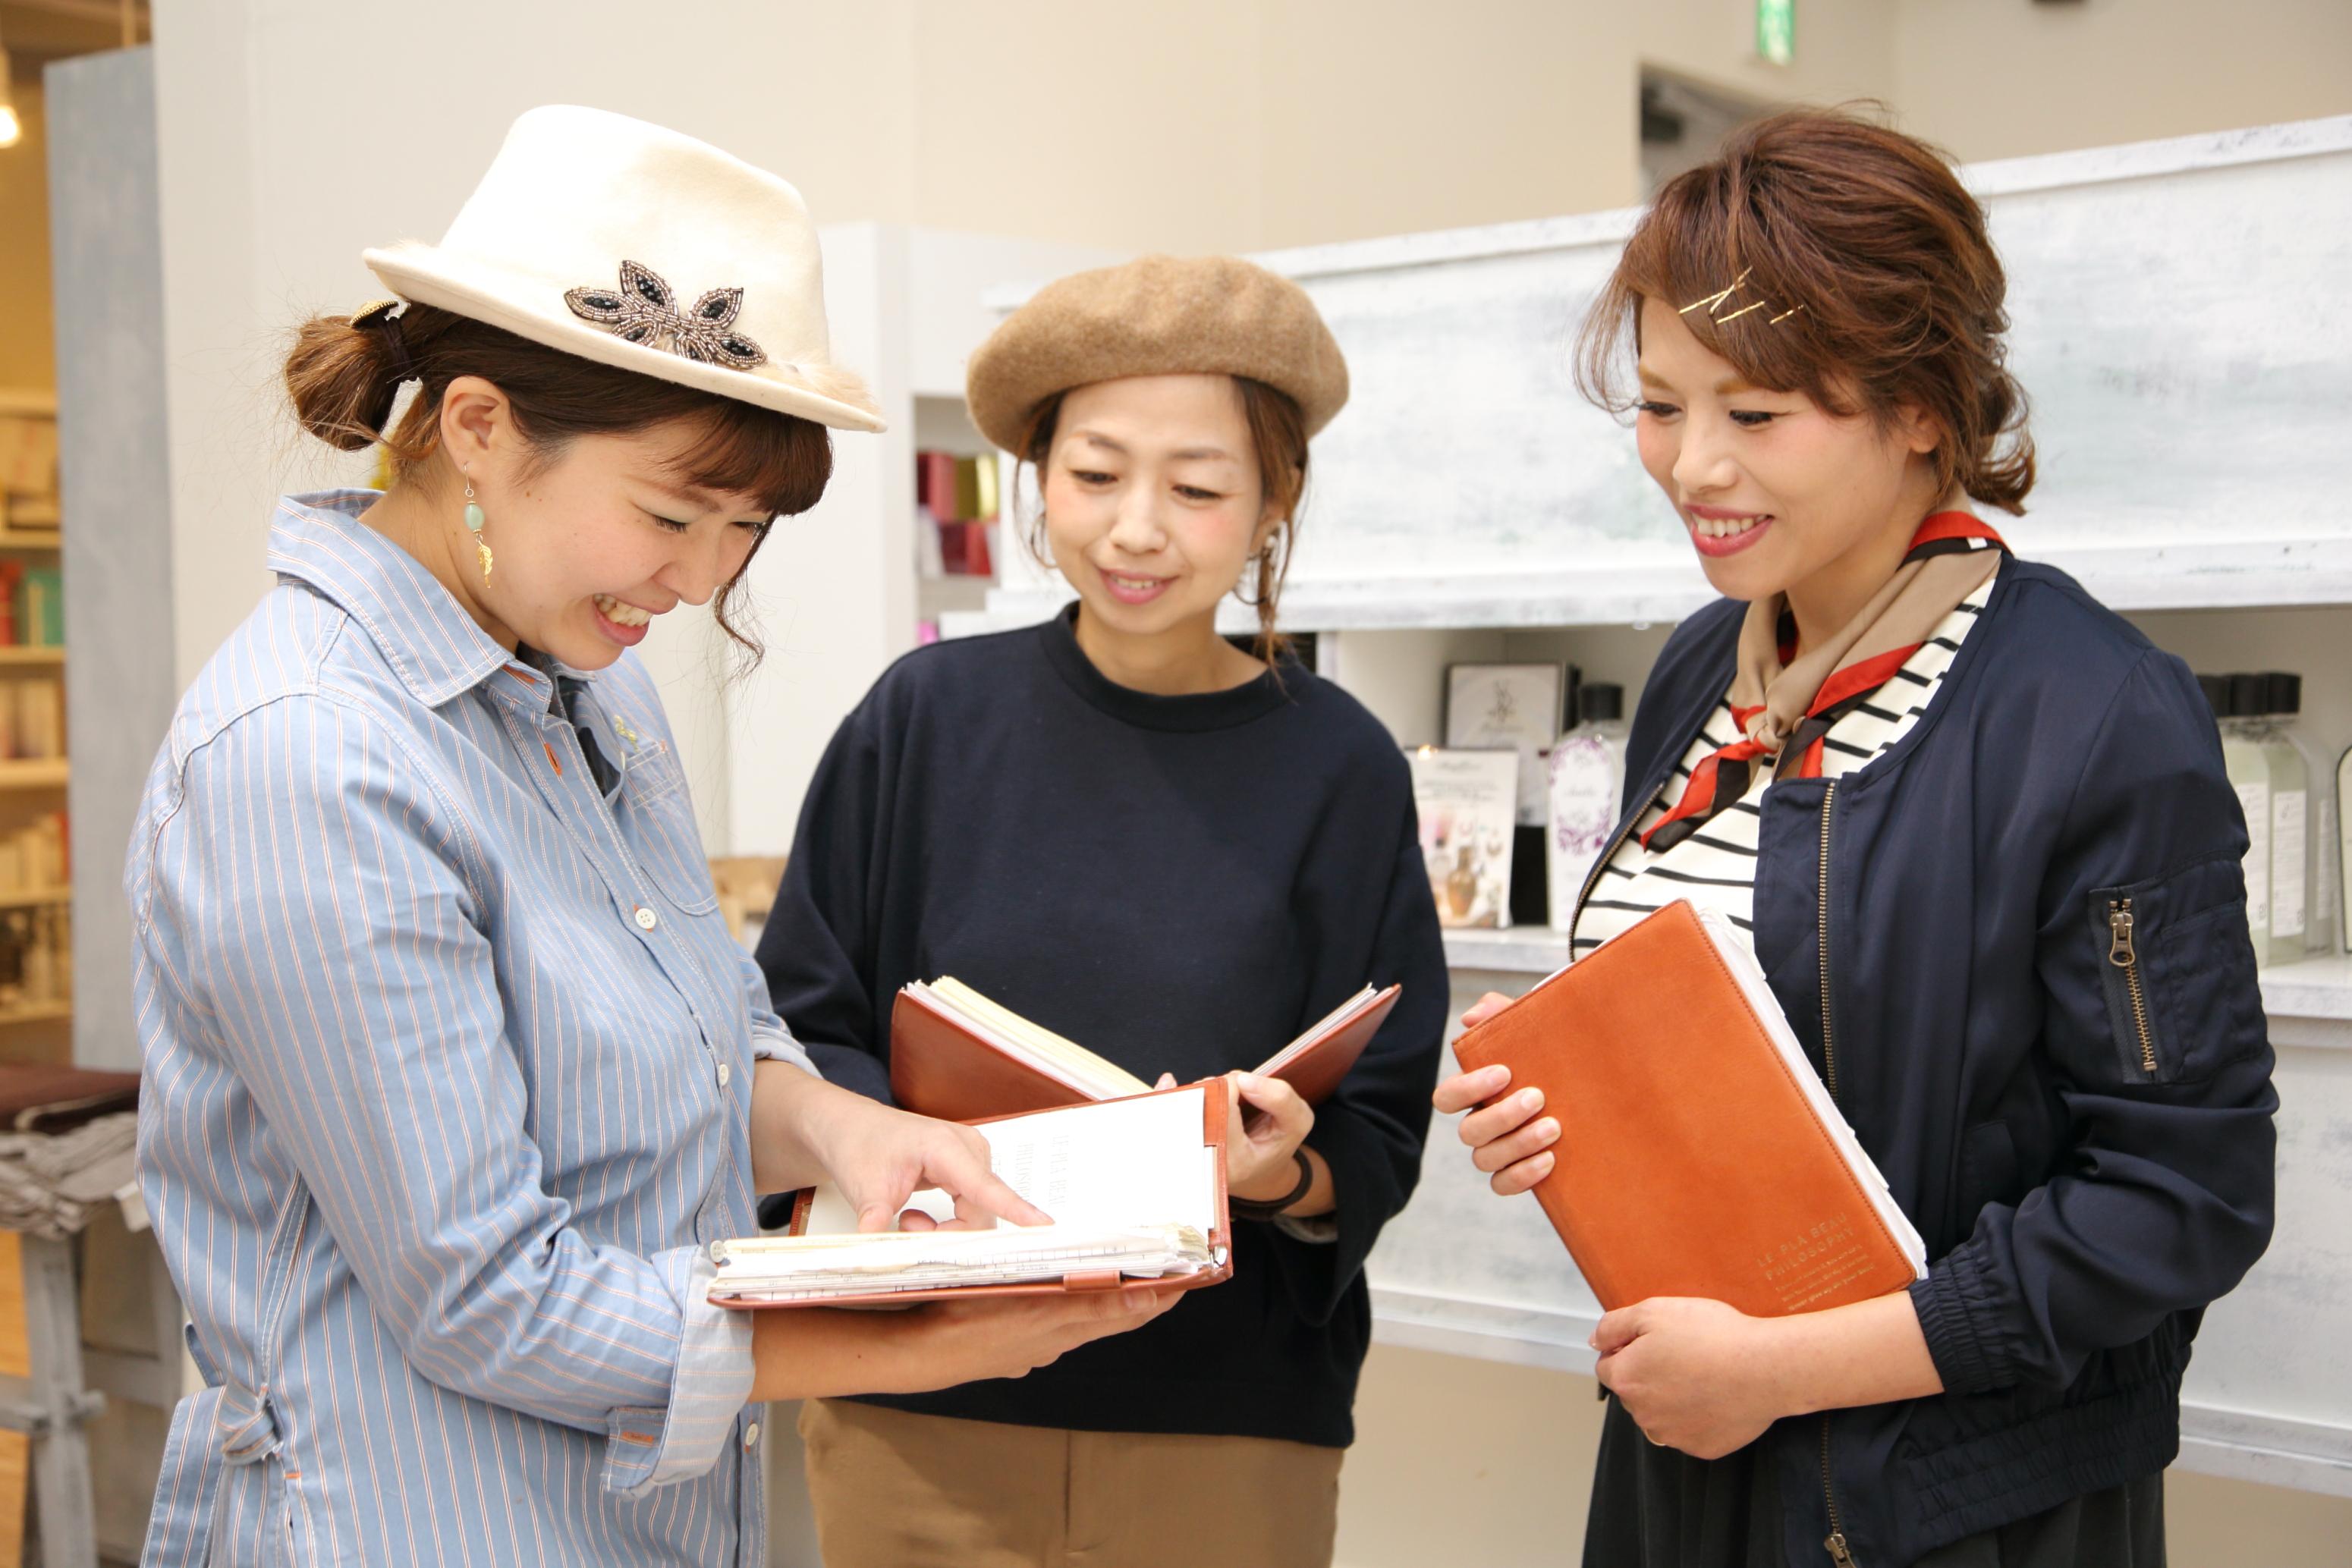 企業理念や就業規則などをまとめた会社オリジナルの手帳を、全スタッフが携帯している。給与の仕組みも載っており、準社員のスタッフが自分の給与を計算する際にも役立つそう